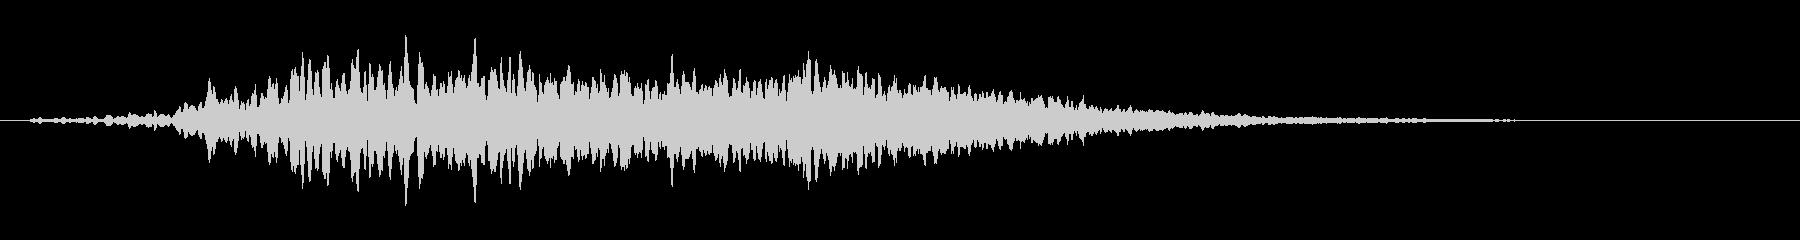 ME心理コード1(浮遊感、アンビエント)の未再生の波形